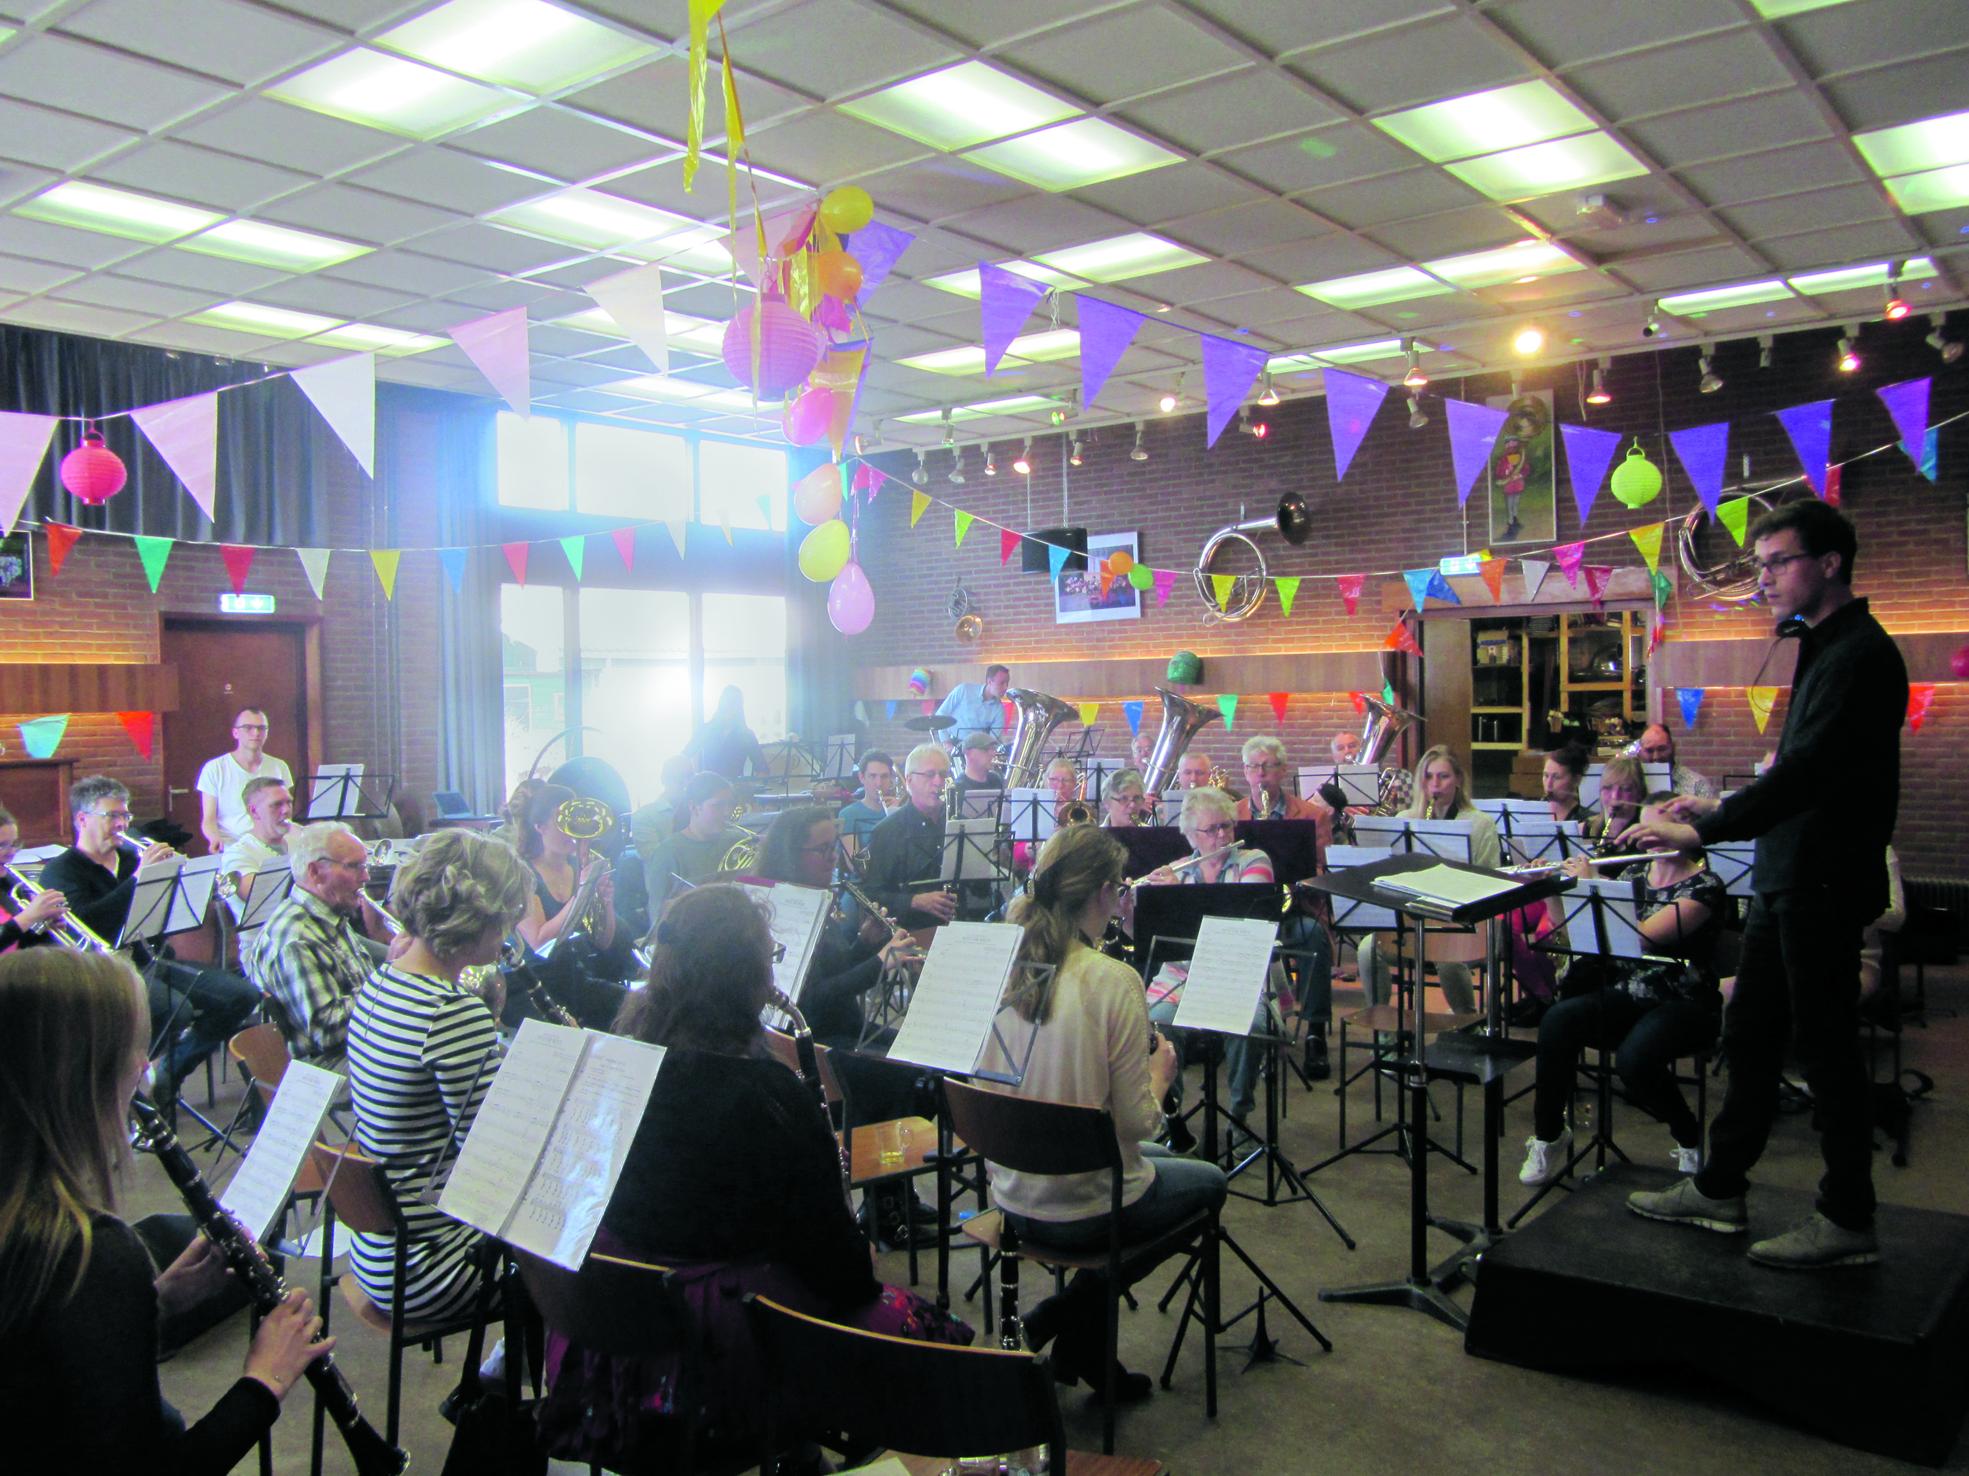 Concordia viert feest. (Foto: JWvD)